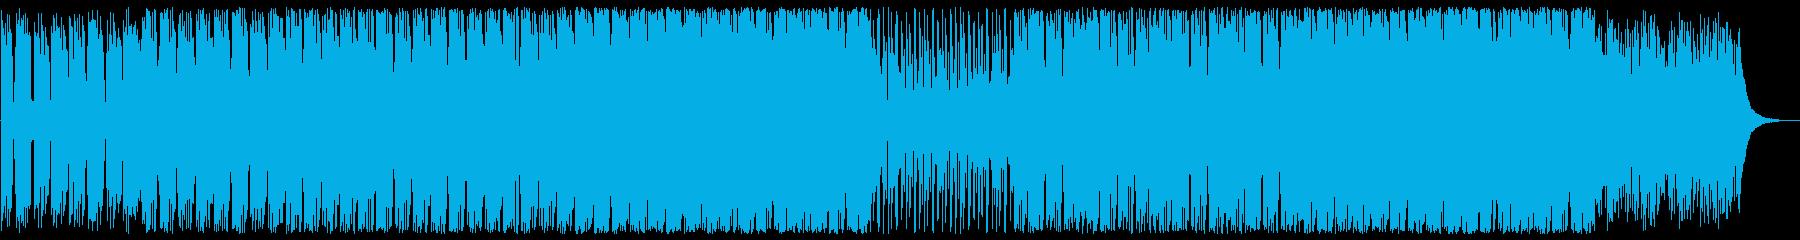 穏やかで軽やかなピアノギターサウンドの再生済みの波形